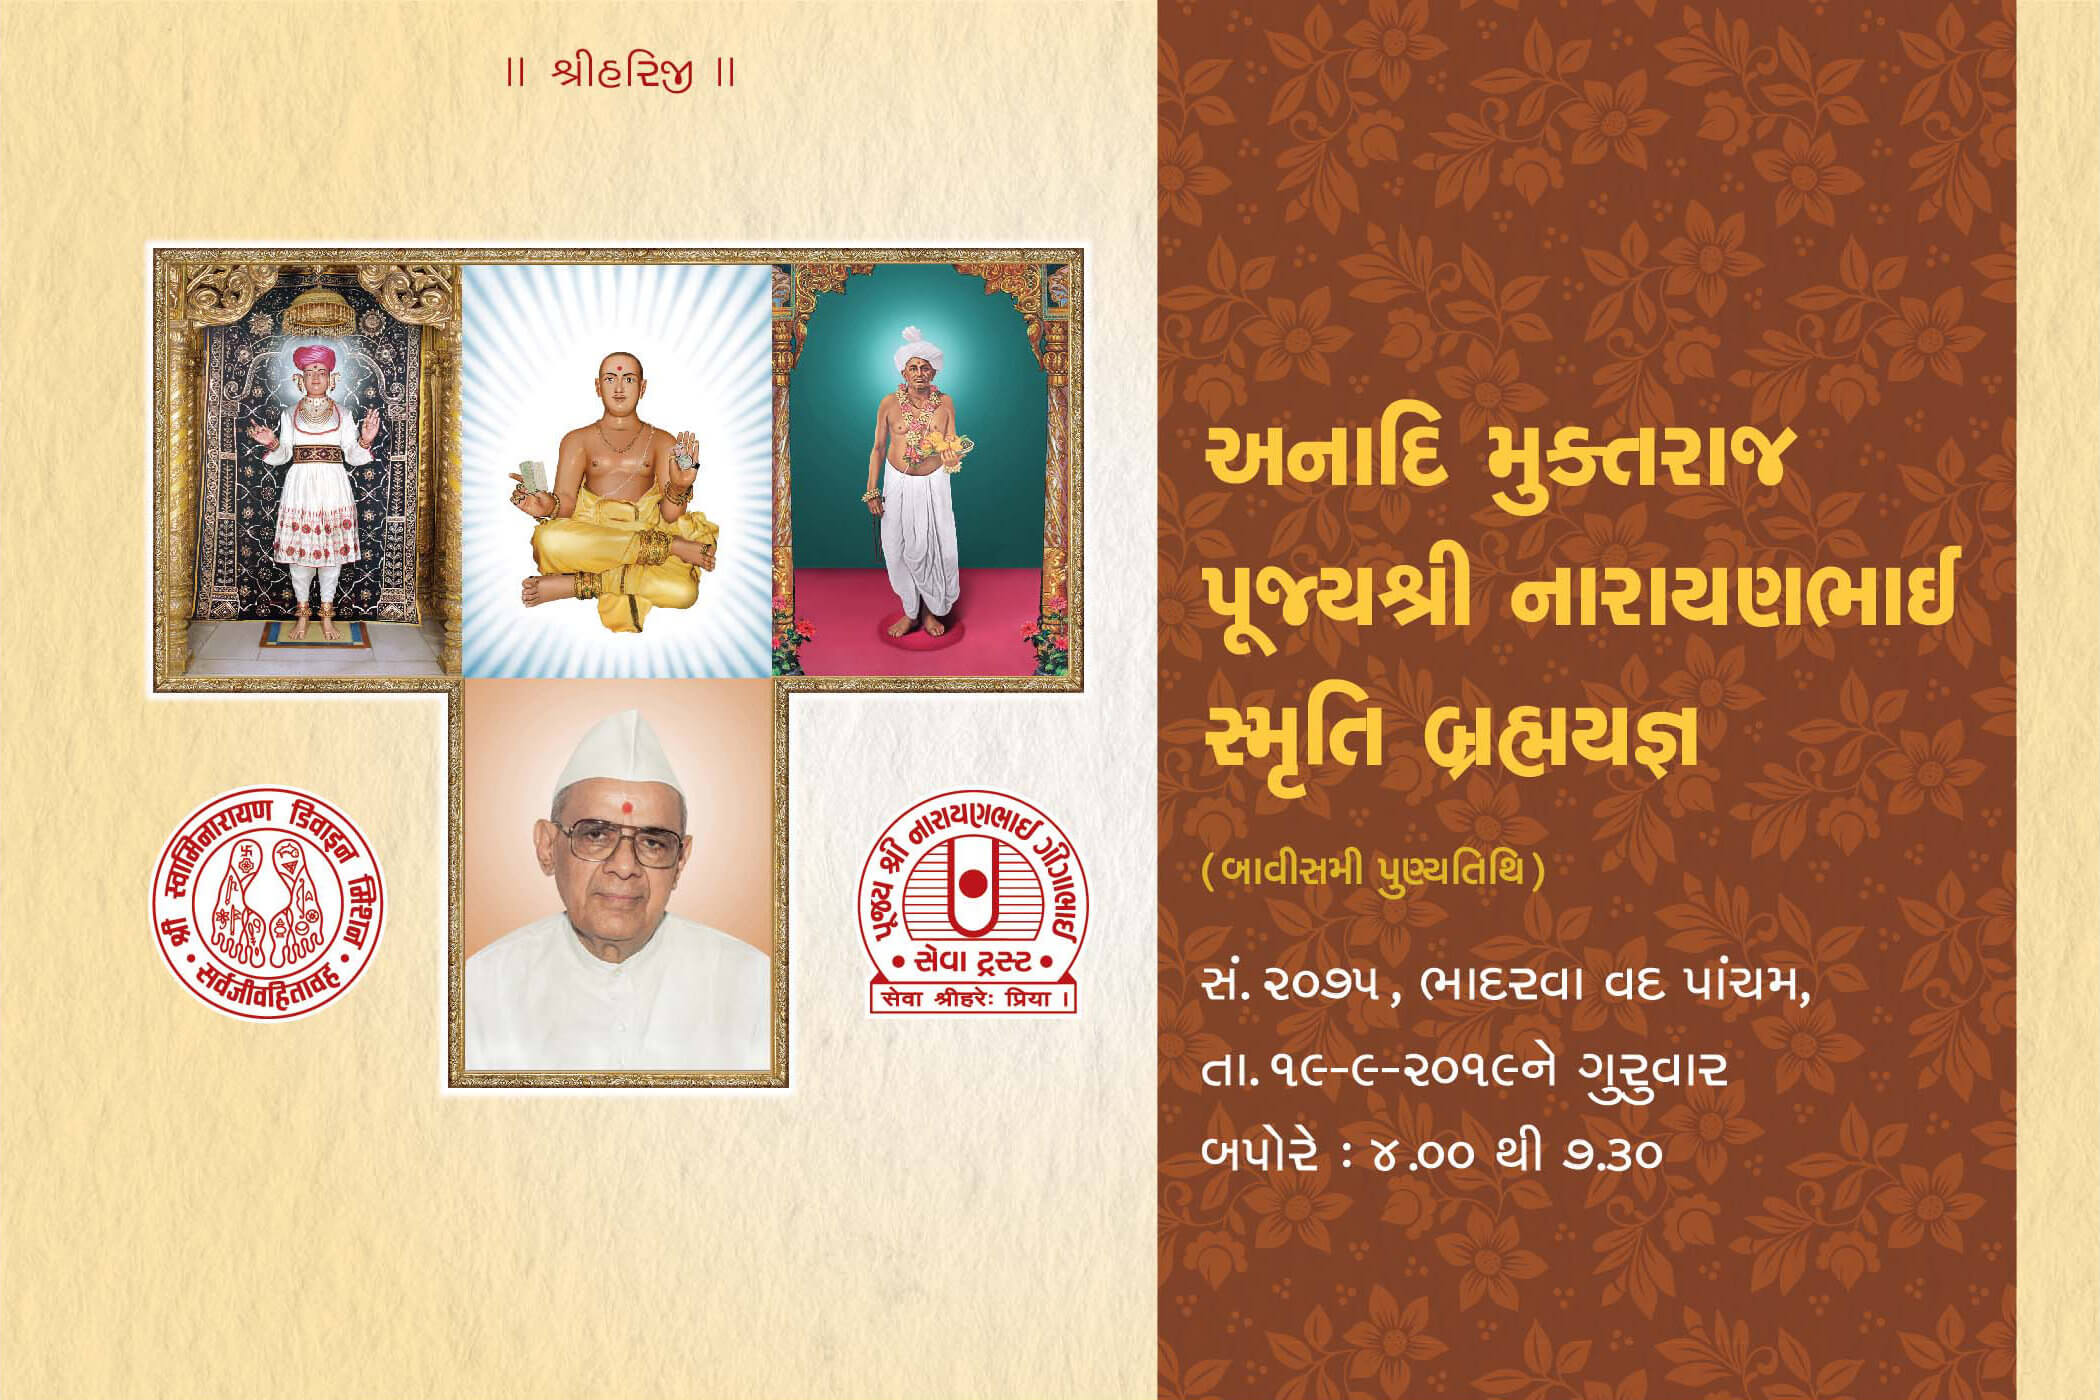 Pujyashri Narayanbhai Smruti Brahmyagna Dt: 19/09/2019